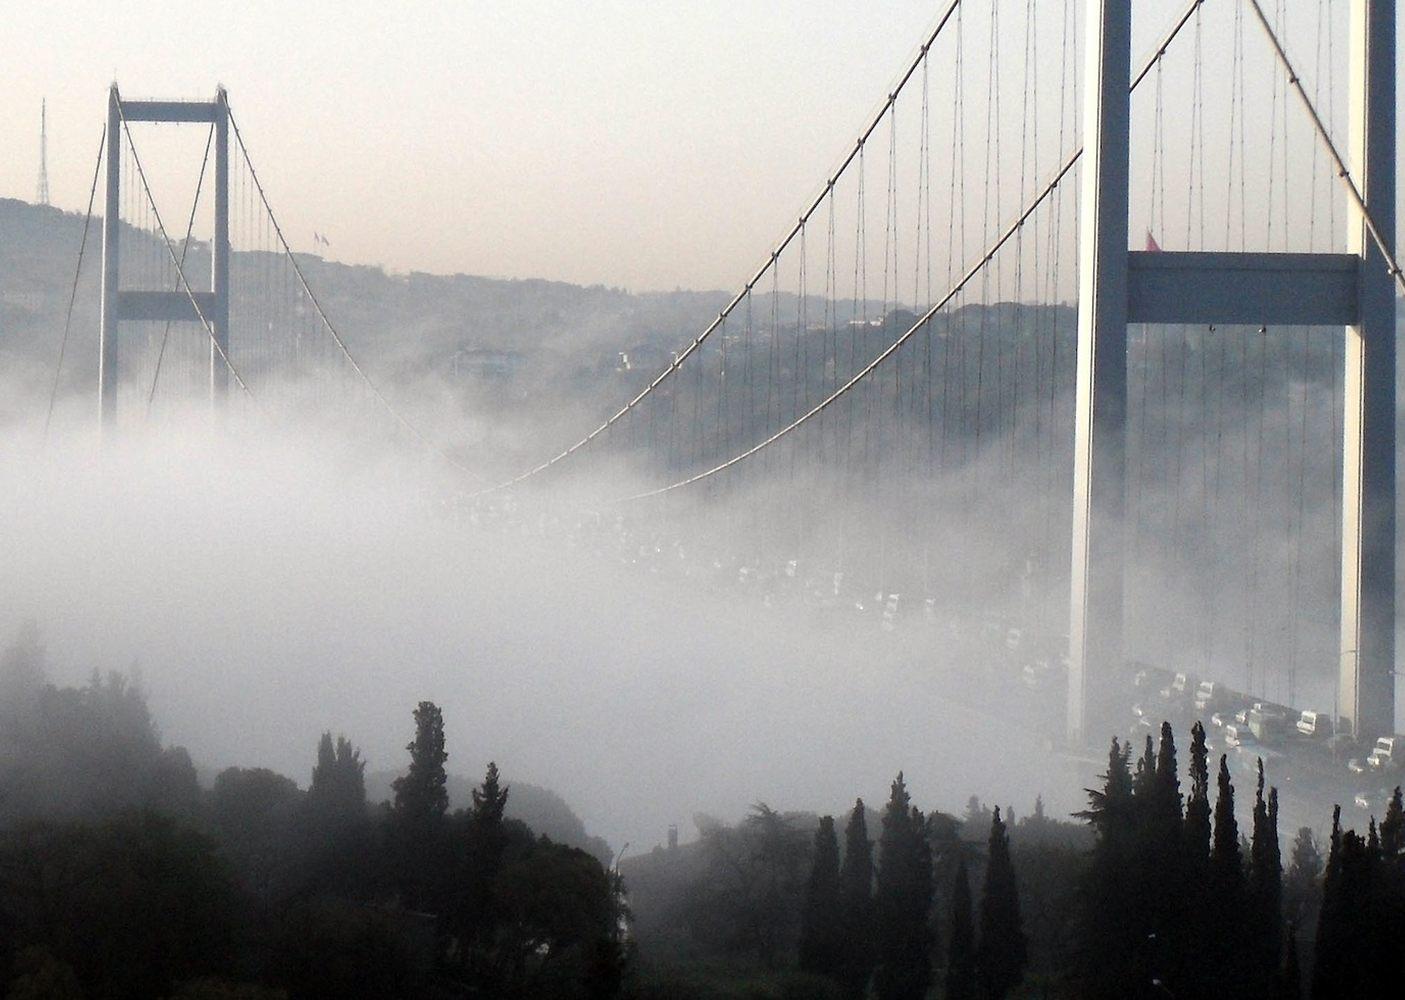 İstanbul'da hava ve deniz ulaşımına sis engeli